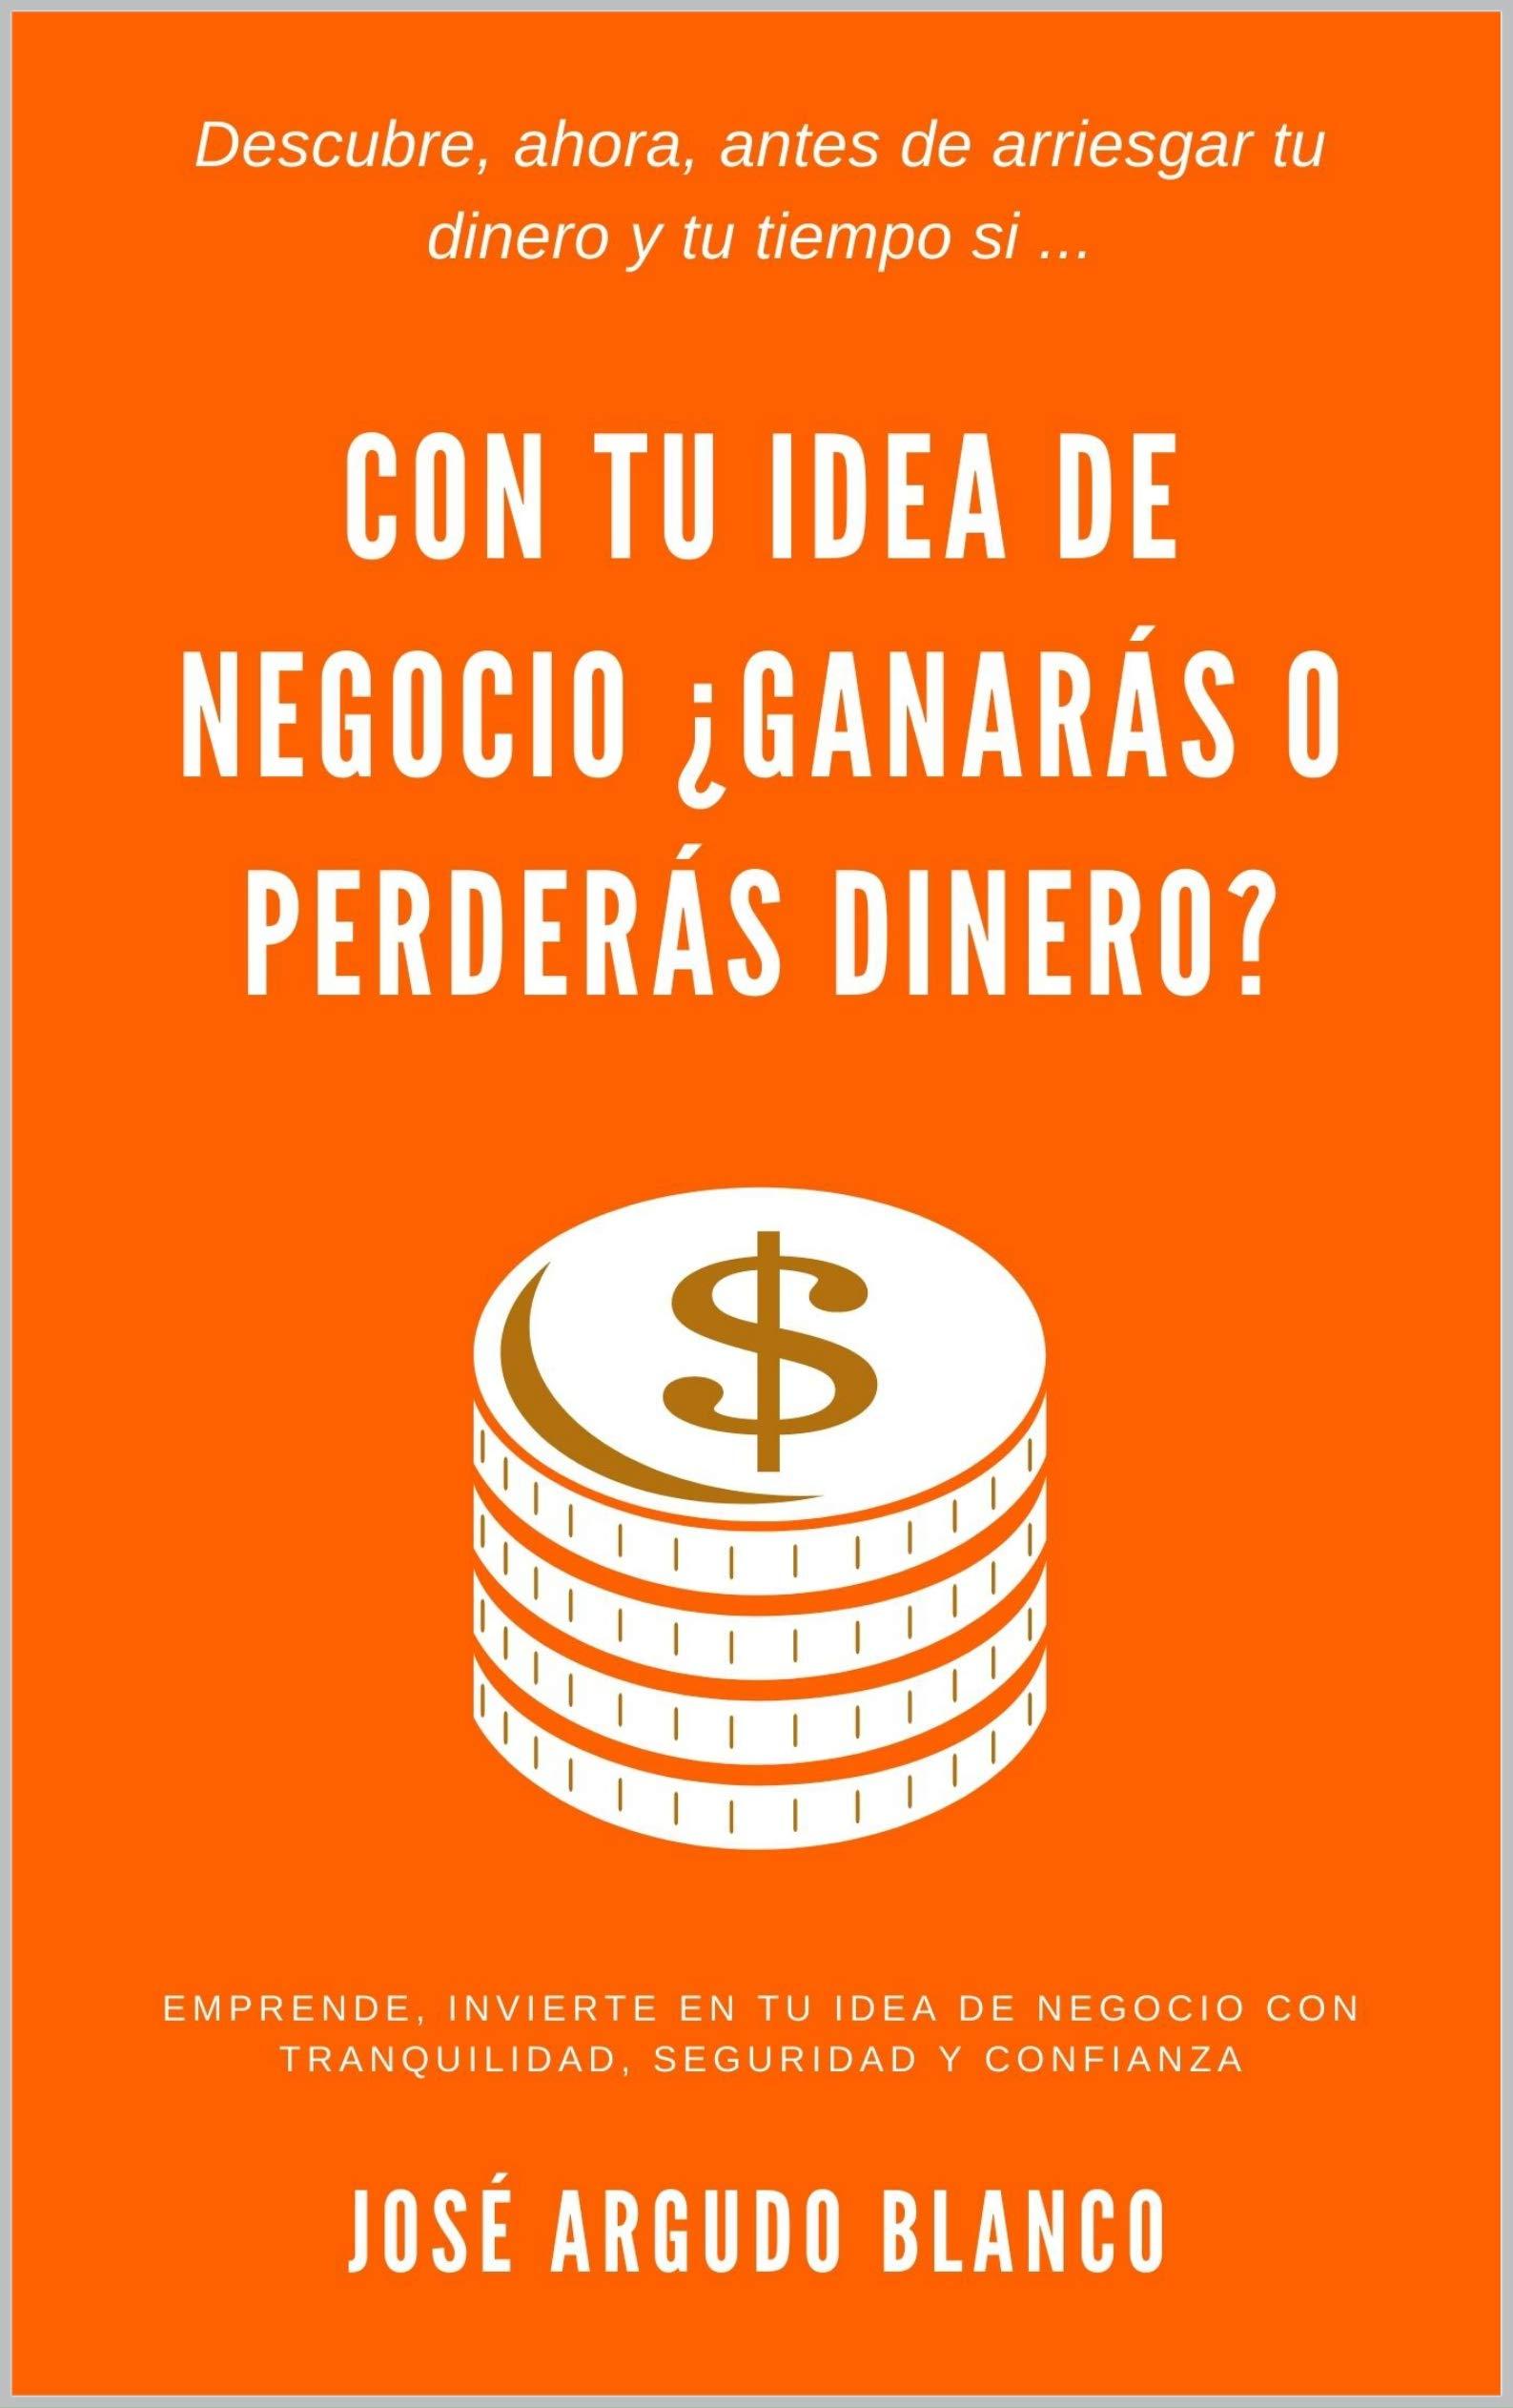 Con tu idea de negocio ¿ganarás o perderás dinero?: Descúbrelo ahora, antes de arriesgar tiempo y dinero (Spanish Edition)